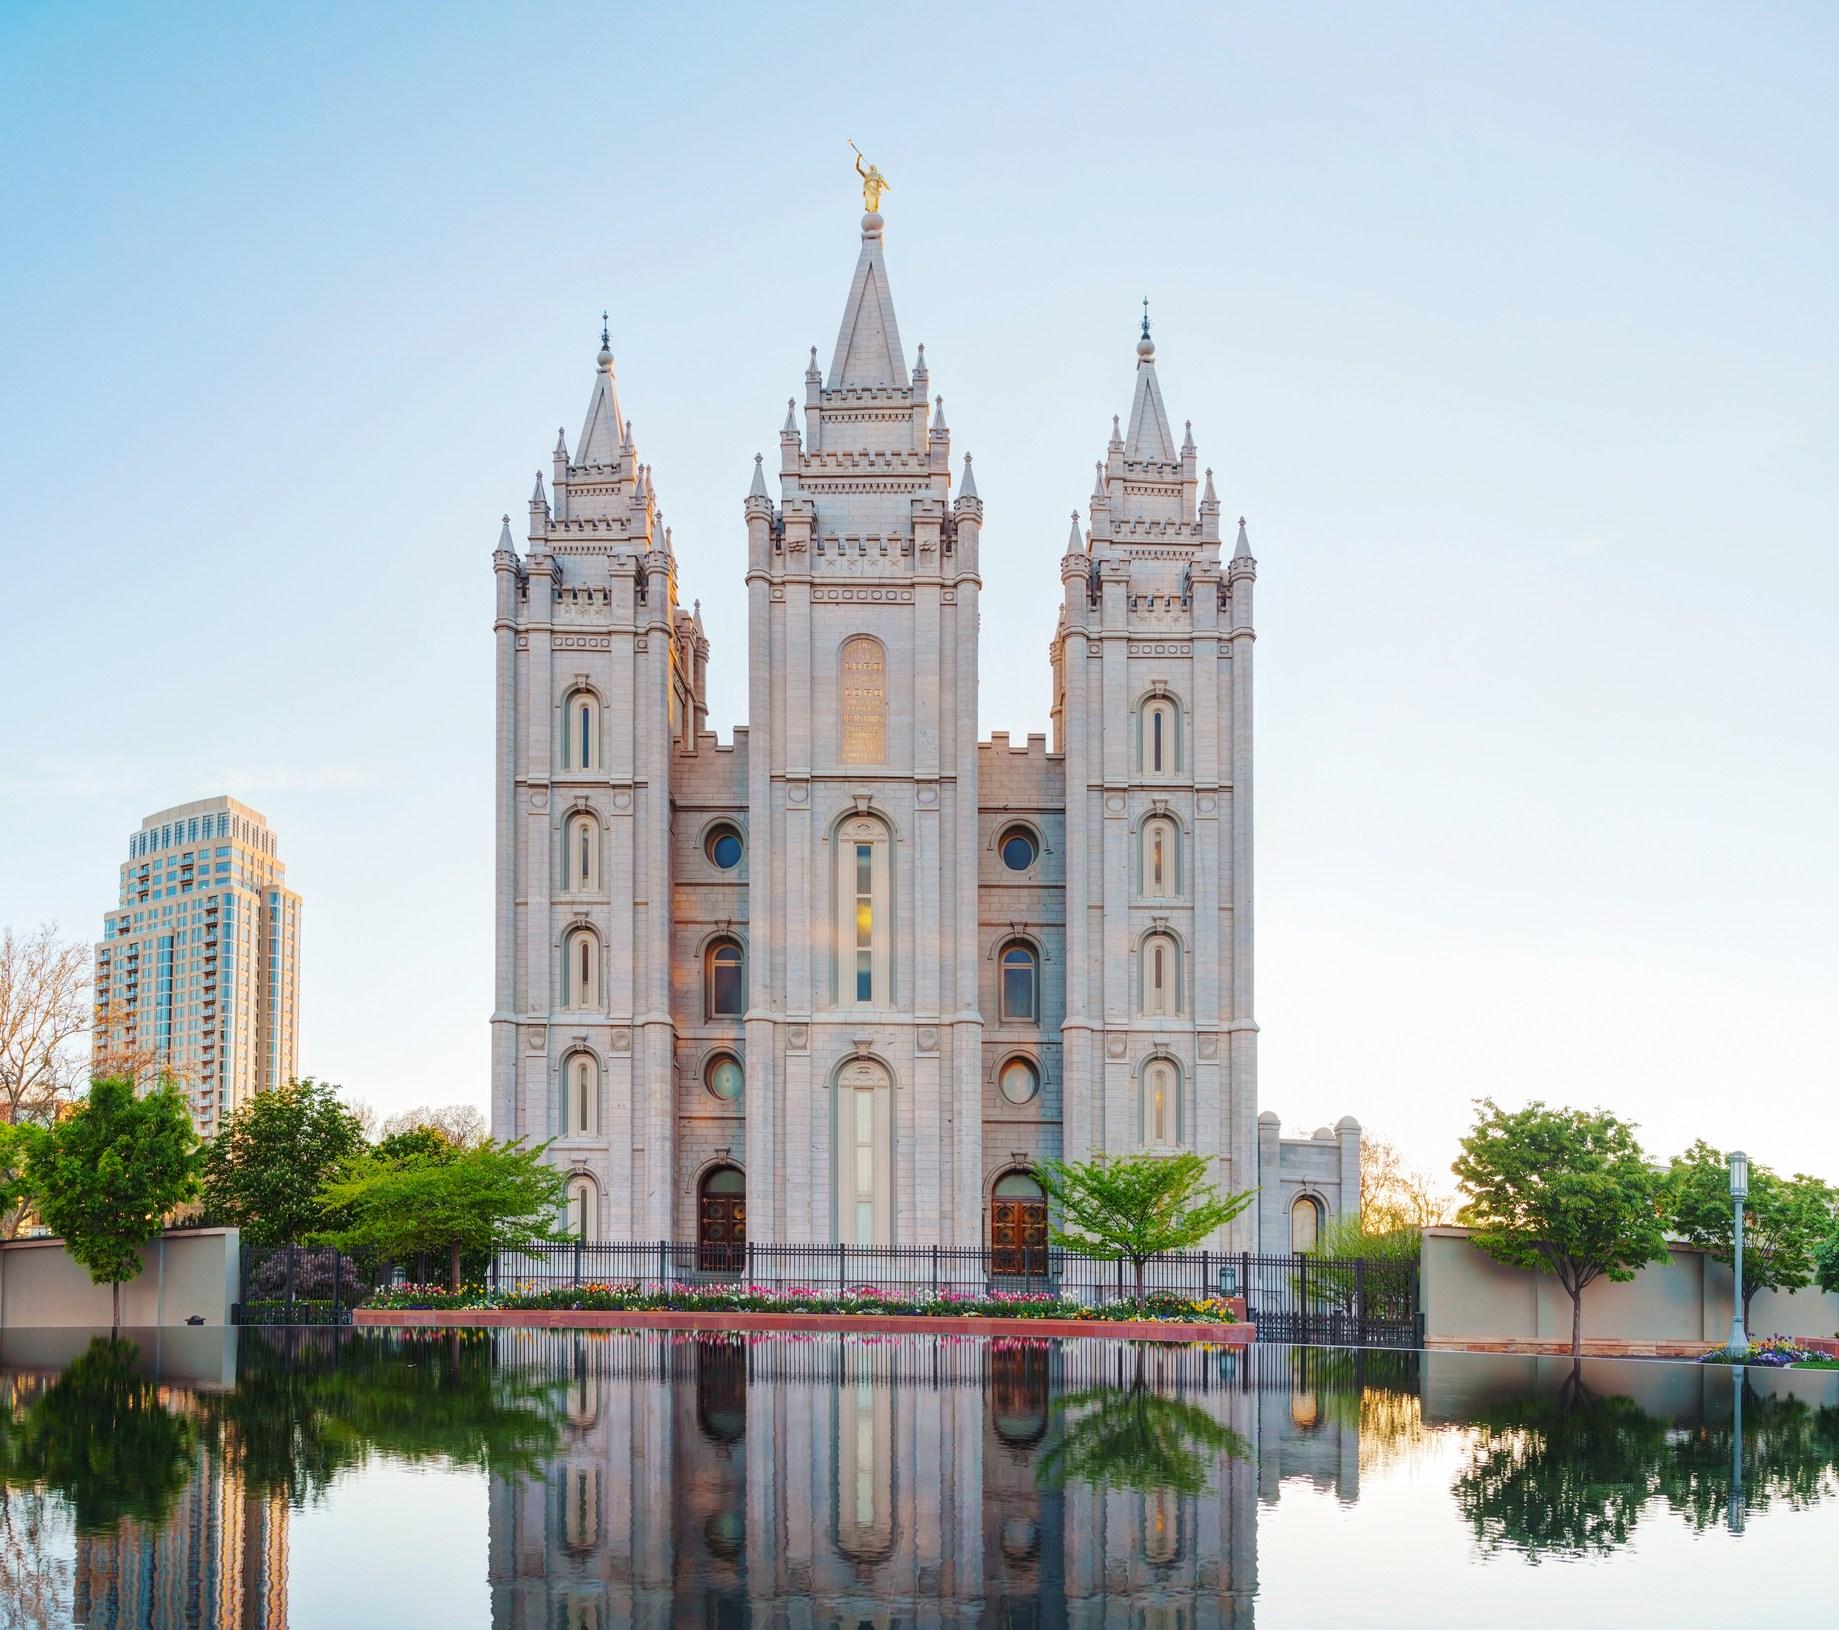 Mormons Temple in Salt Lake City, UT